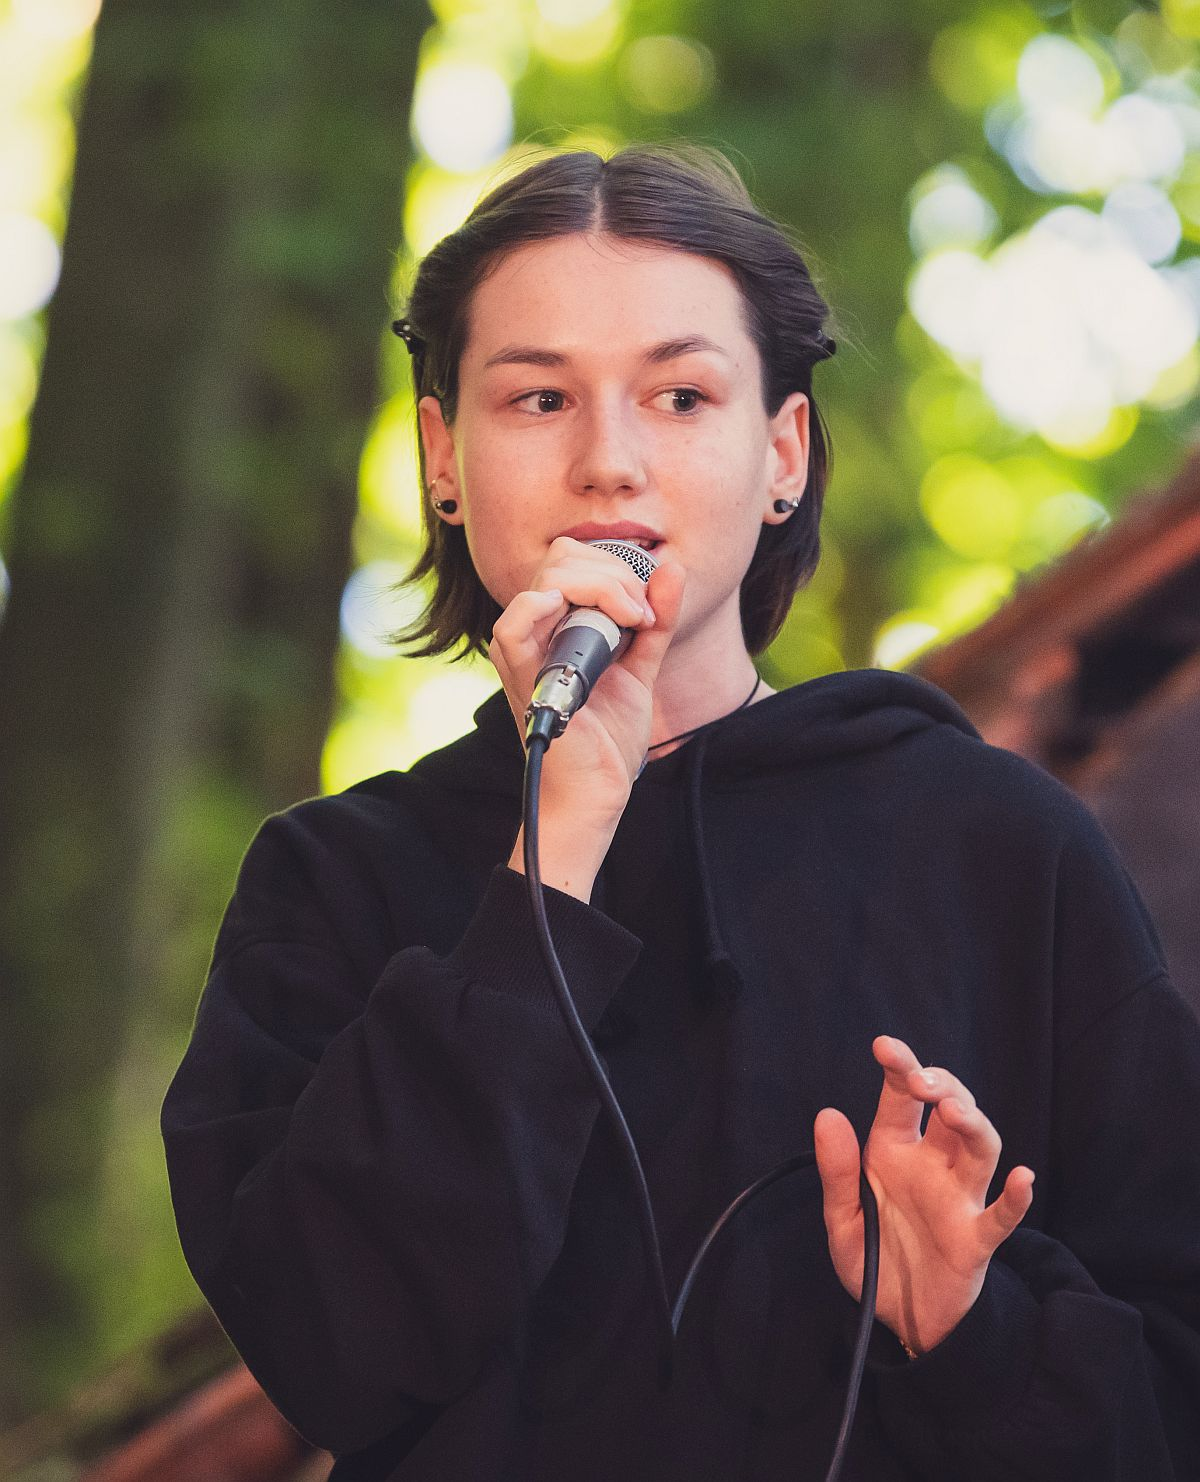 Anna-Maria Diestler